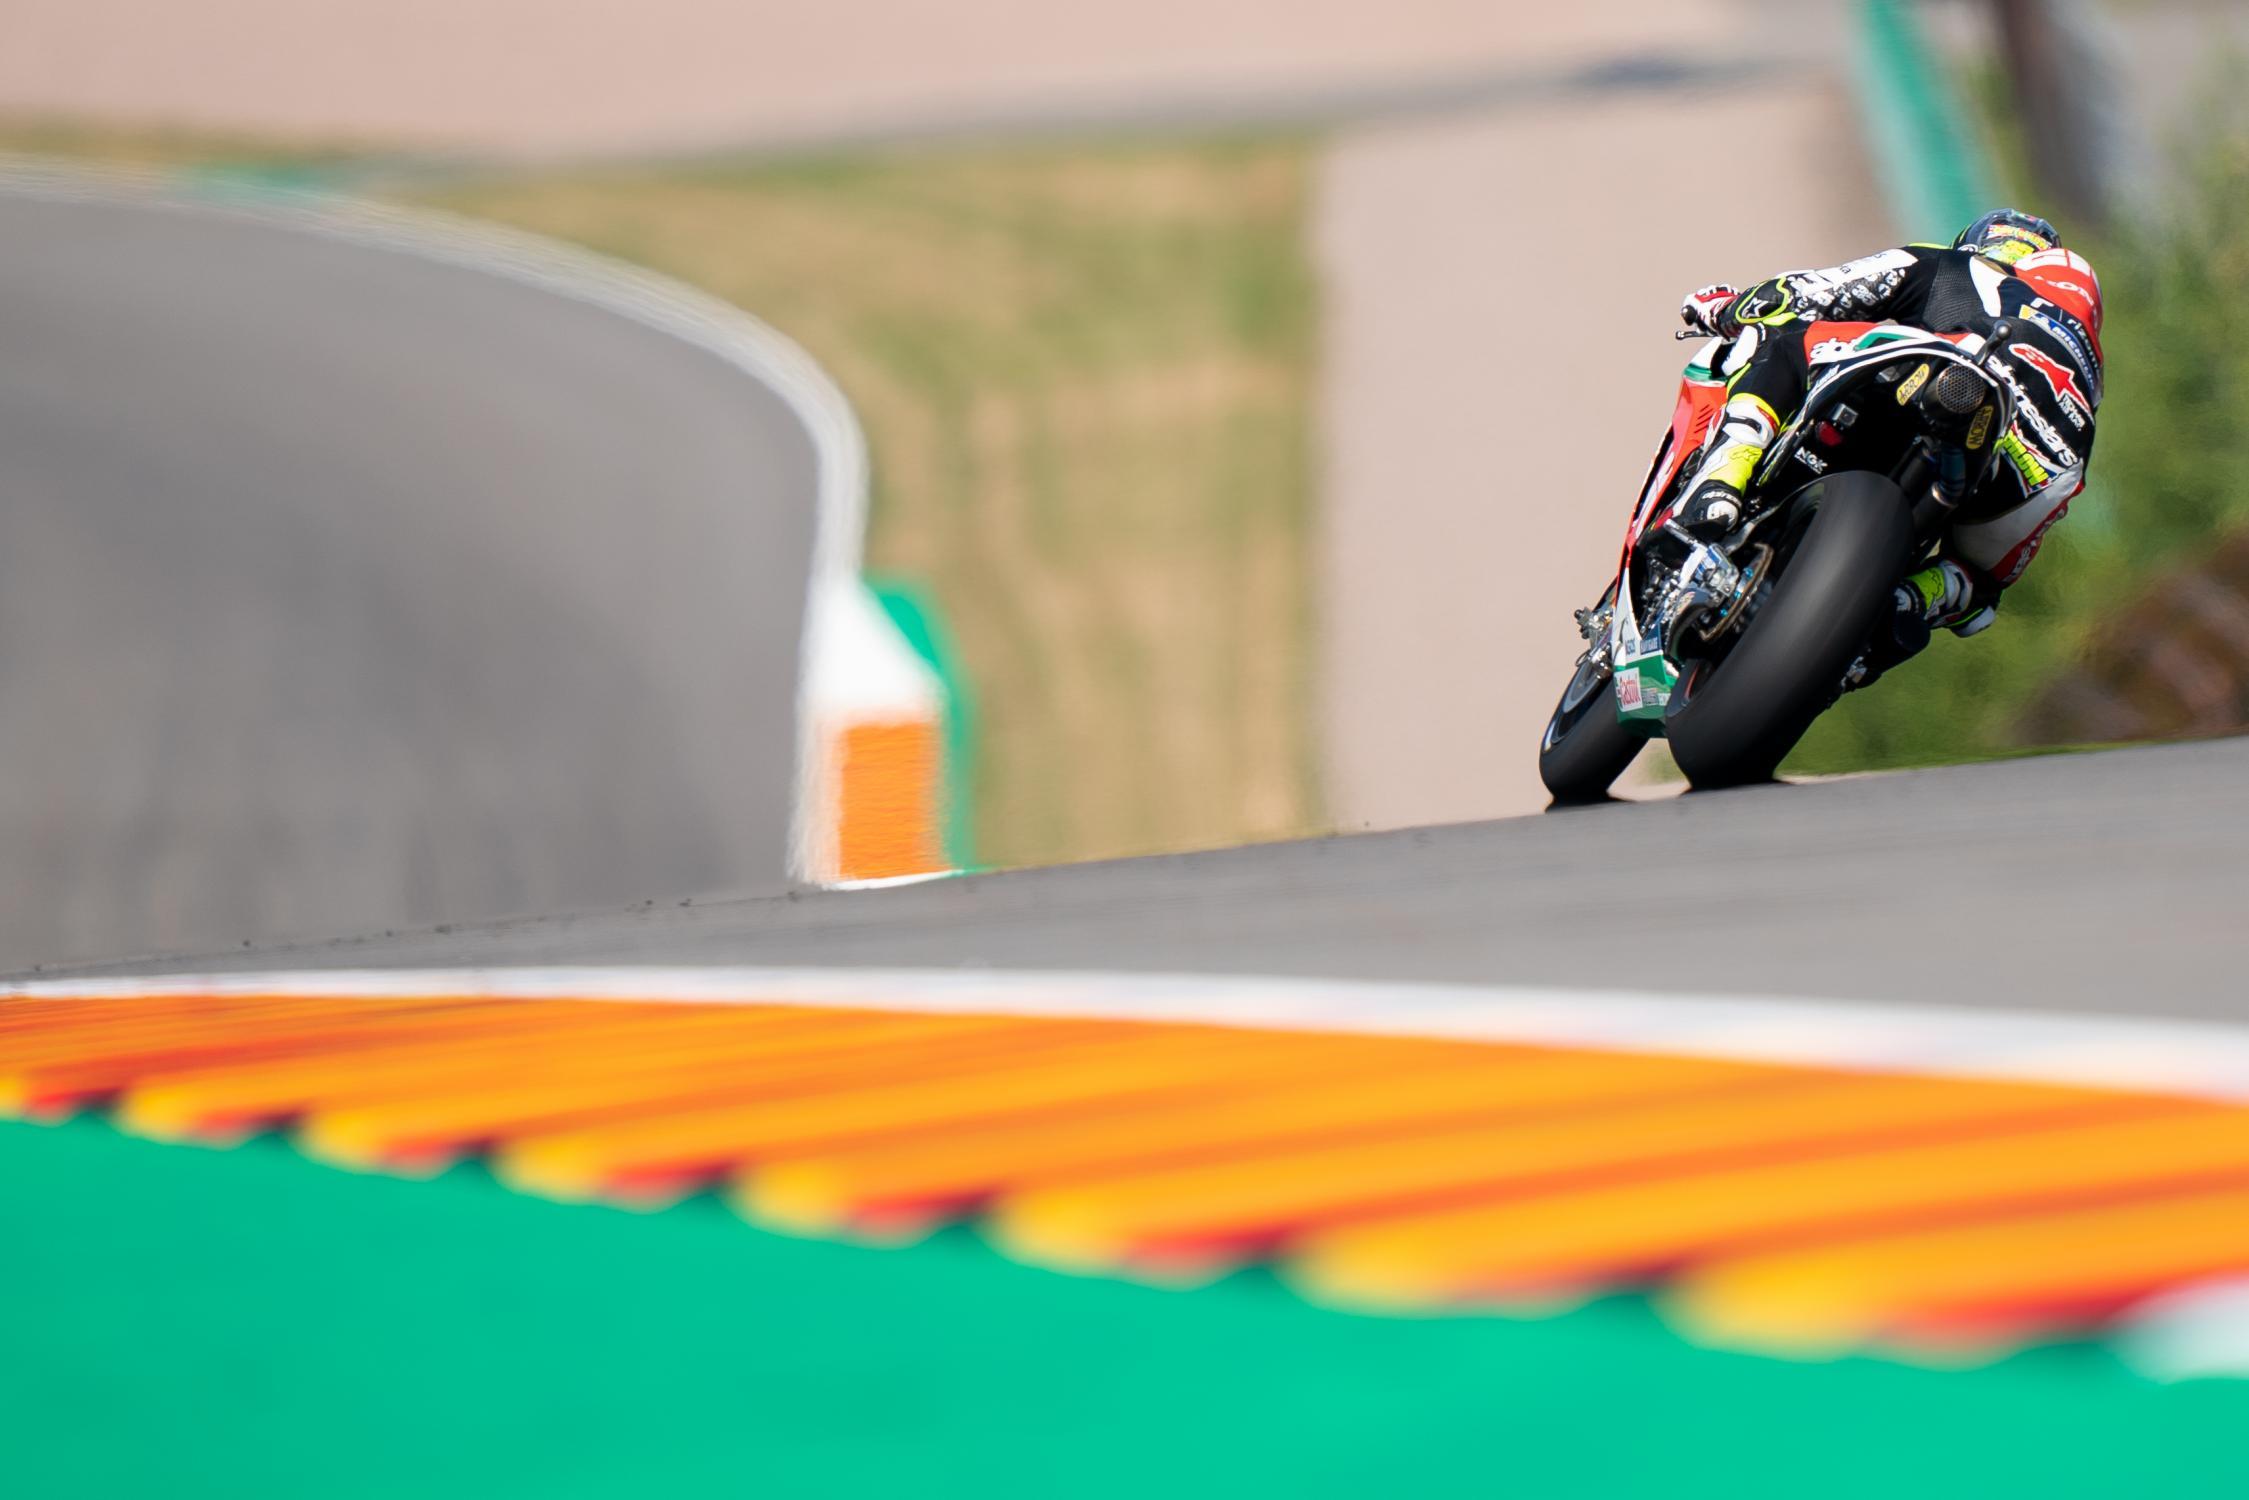 [GP] Sachsenring Dsc02037.gallery_full_top_fullscreen